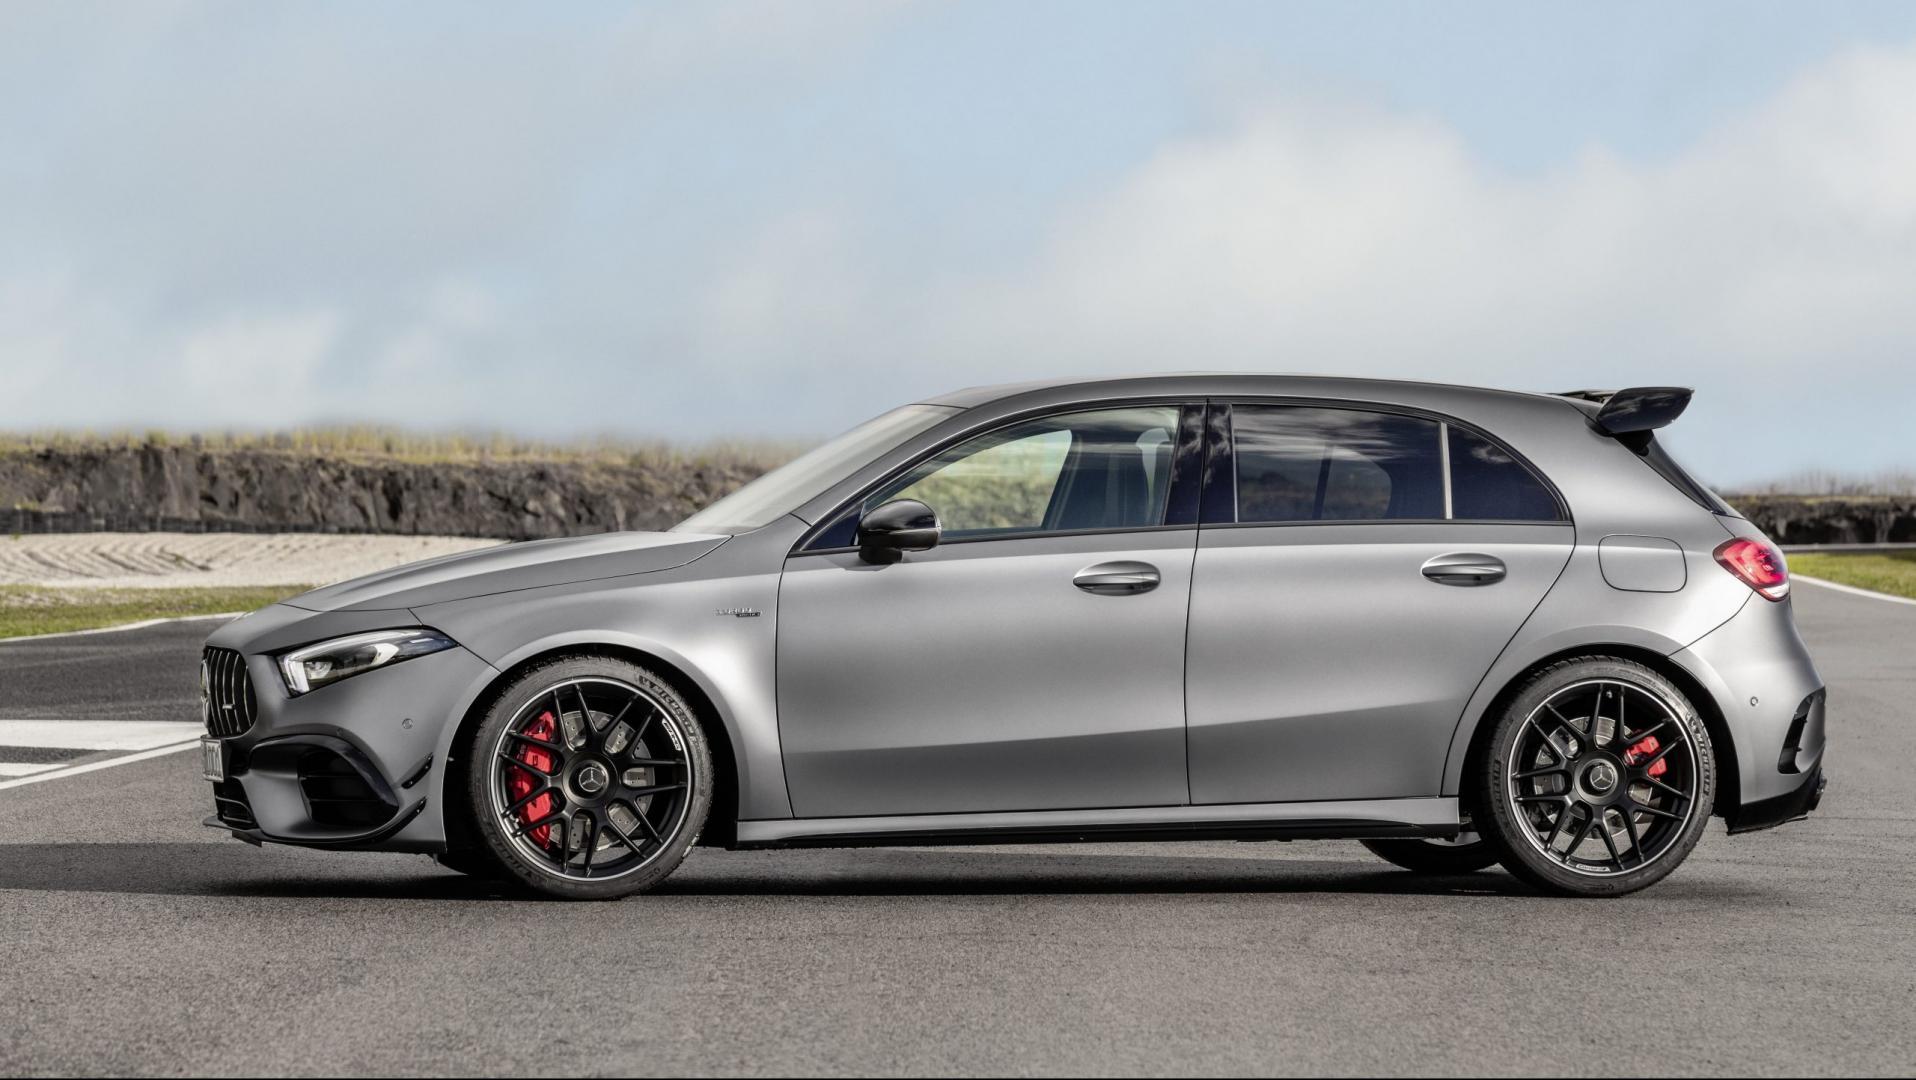 Mercedes-AMG A 45 S hatchback